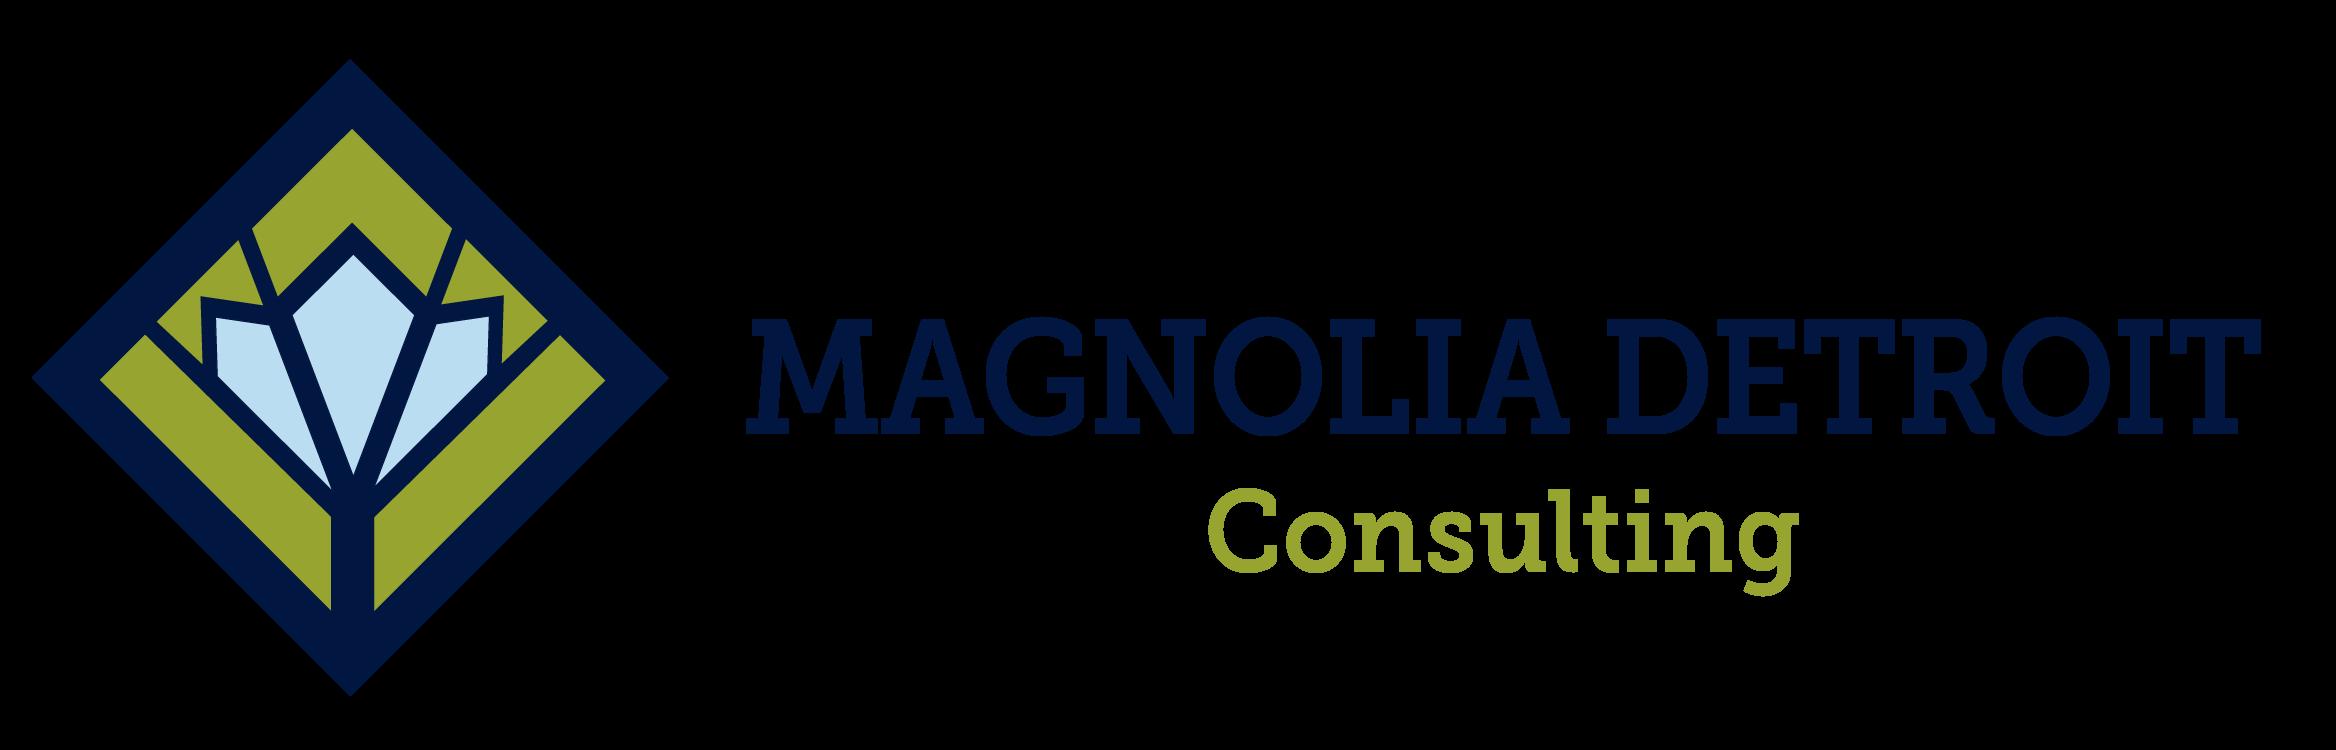 Magnolia Detroit Consulting LLC